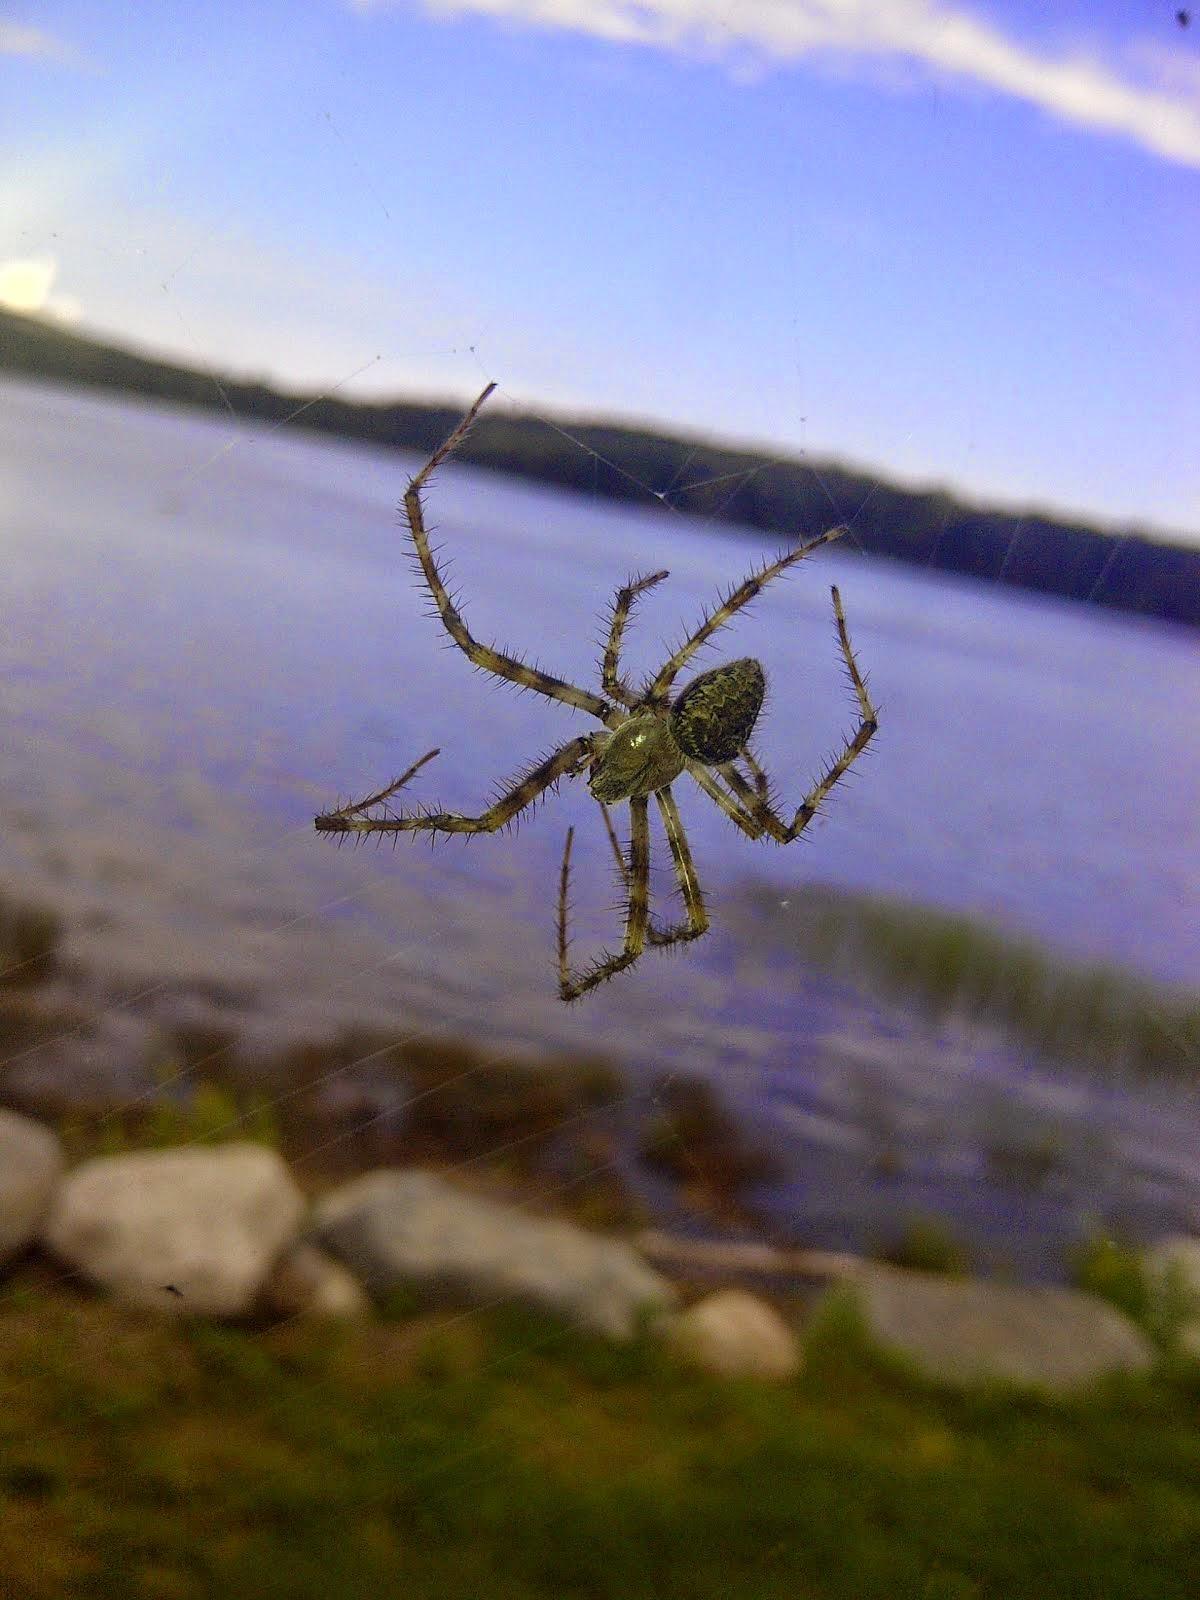 Maine spider